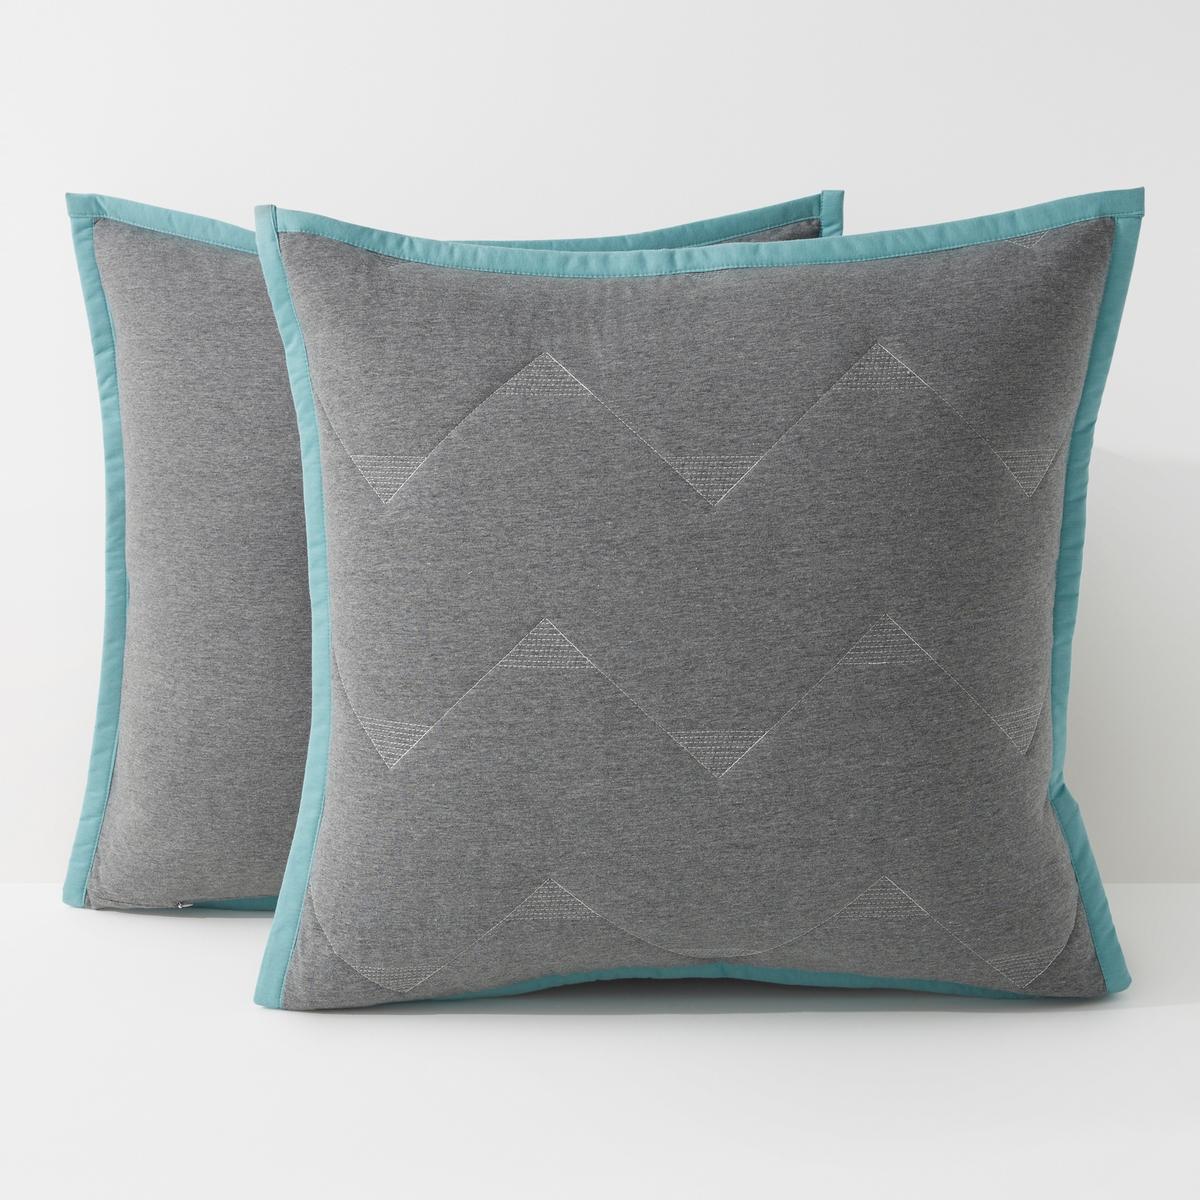 Чехол-наволочка, MALM?Стеганый чехол-наволочка Malm?. Комфортный стеганый чехол-наволочка с красивой отделкой контрастной бейкой украсит Вашу кровать или диван.Характеристики чехла на подушку / наволочки Malm? :Джерси 60% хлопка, 40% полиэстера.Потайная застежка на молнию в тон.- 1 сторона стёганая, 2ая сторона - из однотонной ткани.- Стёжка в форме треугольников.Наполнитель 100% полиэстер 120 г/м?- Отделка контрастной каймой.Уход: : Машинная стирка при 40 °С.Размеры чехла-наволочки Malm? :40 x 40 см63 x 63 см Всю коллекцию Malm? Вы найдете на laredoute.ruЗнак Oeko-Tex® гарантирует, что товары прошли проверку и были изготовлены без применения вредных для здоровья человека веществ.<br><br>Цвет: серый/сине-бирюзовый<br>Размер: 40 x 40  см.63 x 63  см